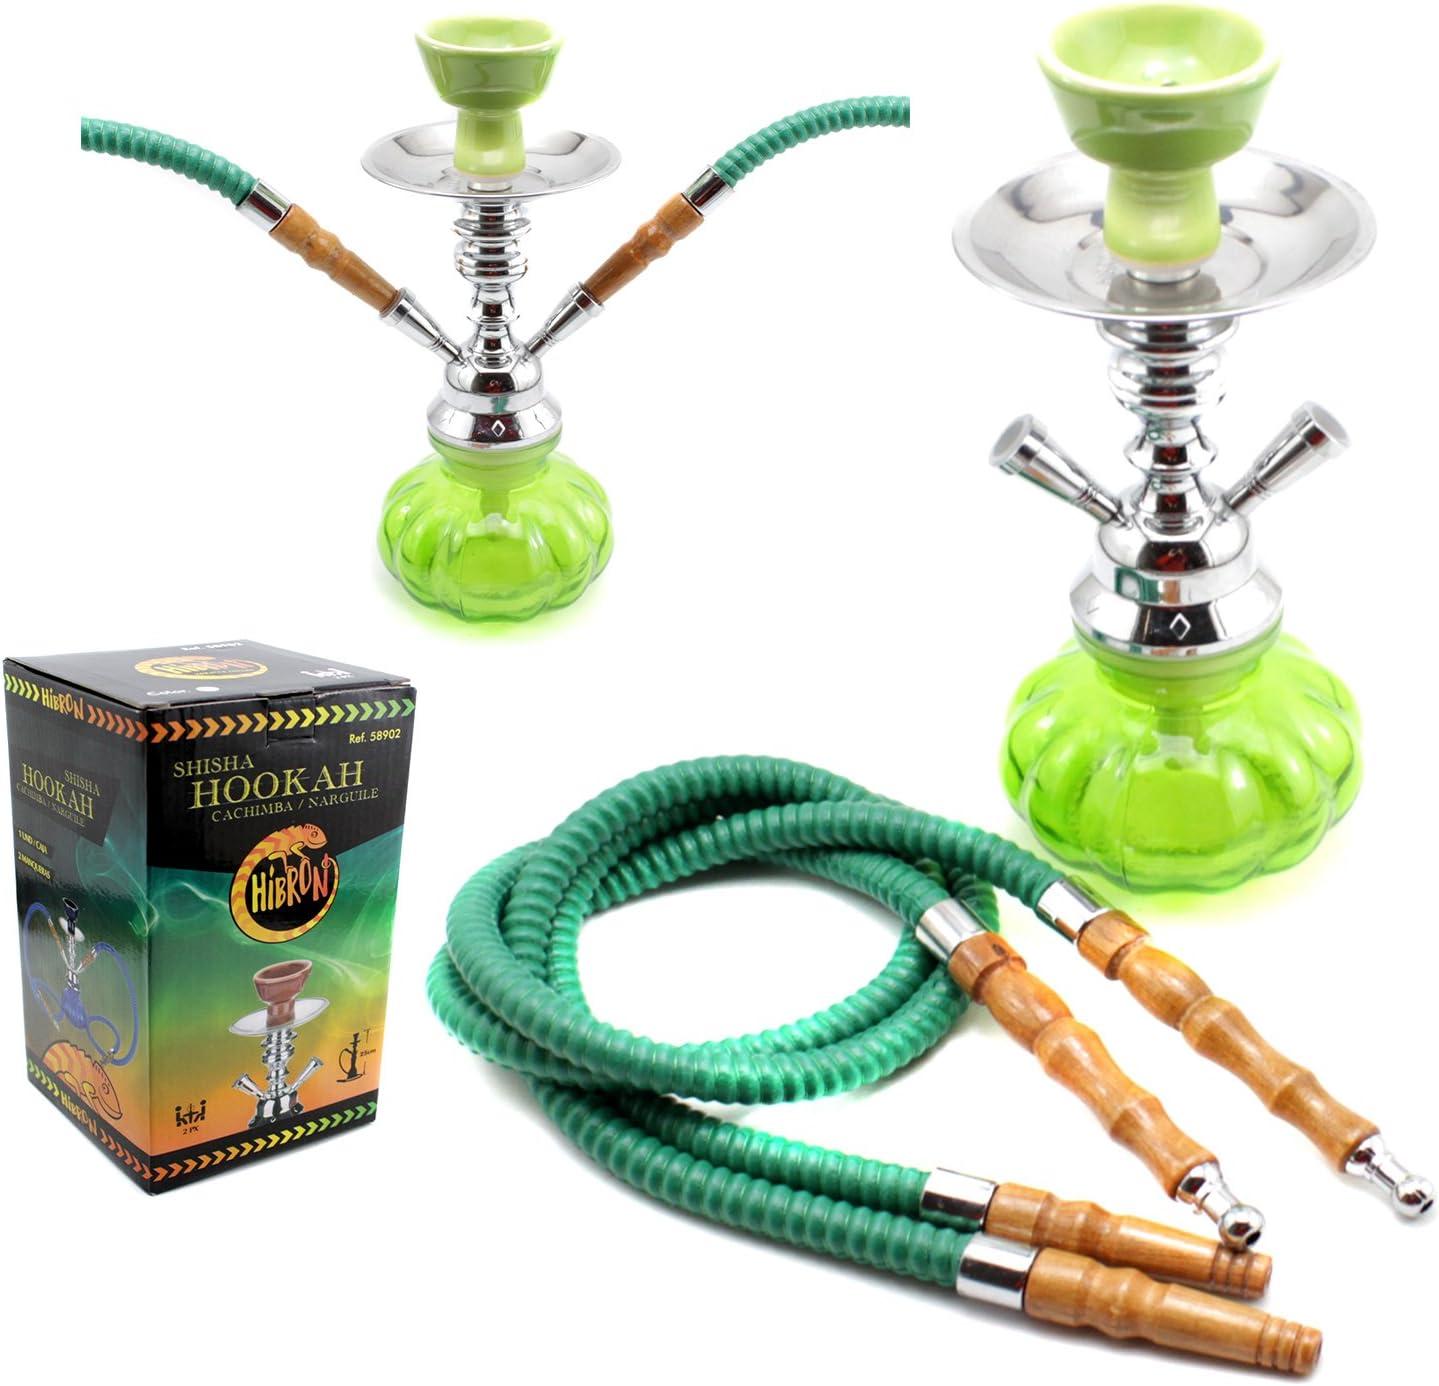 HIBRON® Cachimba shisha hookha pequeña 25cm 2 mangueras, kit de iniciación completa premium (verde)